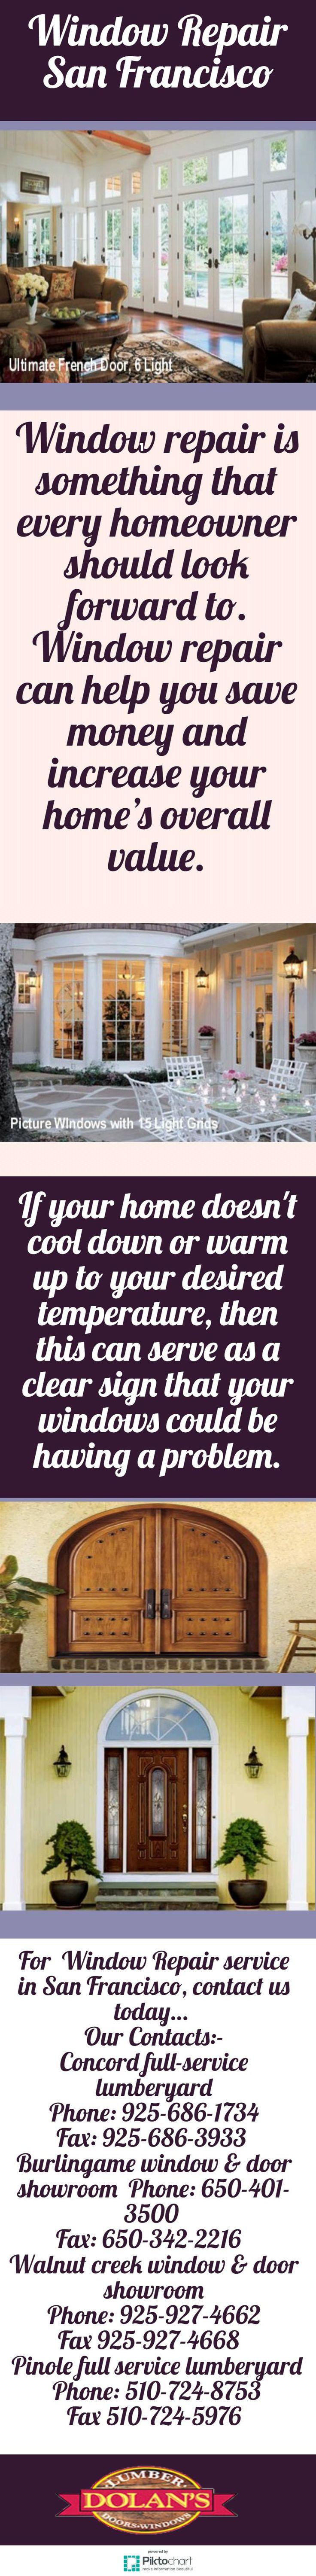 Window Repair Is Something That Every Homeowner Should Look Forward To  Window Repair Can Help